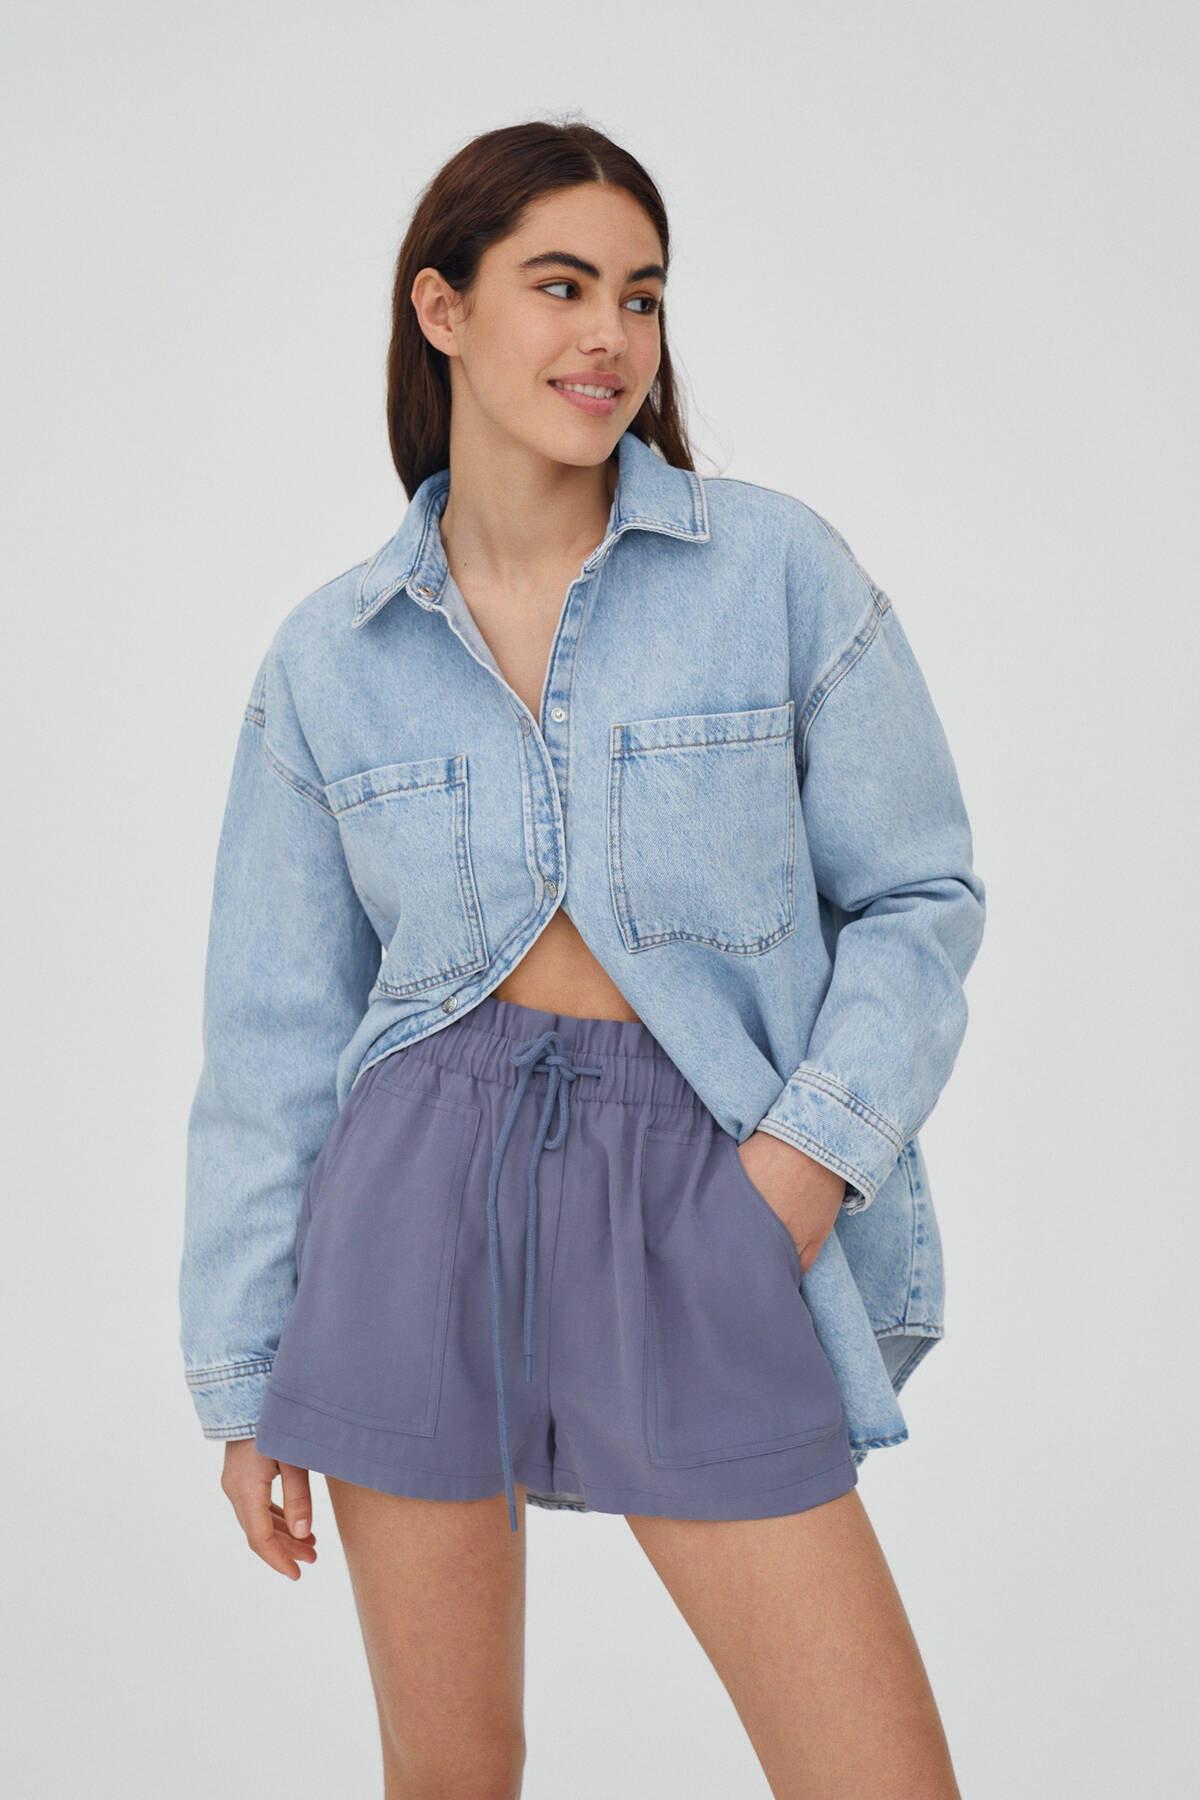 Pull & Bear Kadın Mavi Geniş Elastik Belli Basic Bermuda